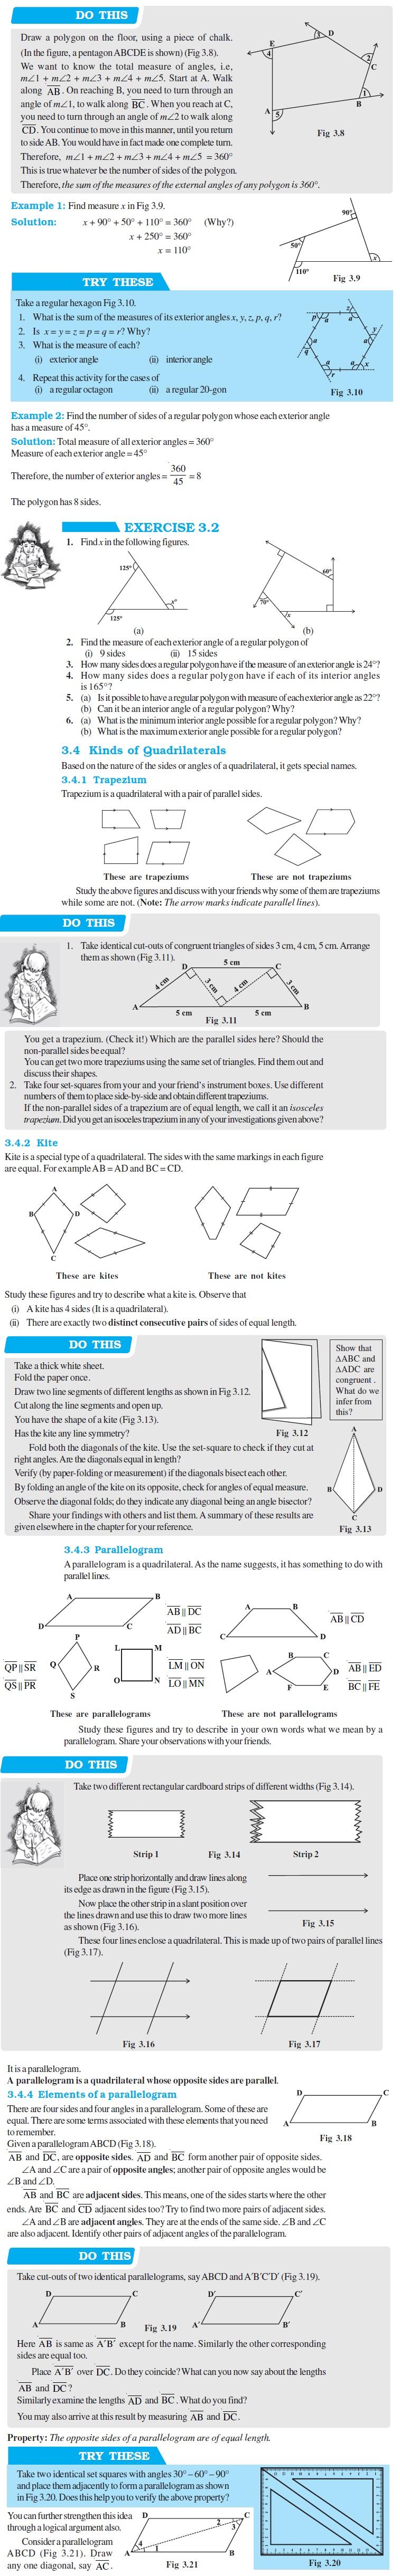 NCERT Class VIII Maths Chapter 3 Understanding Quadrilaterals